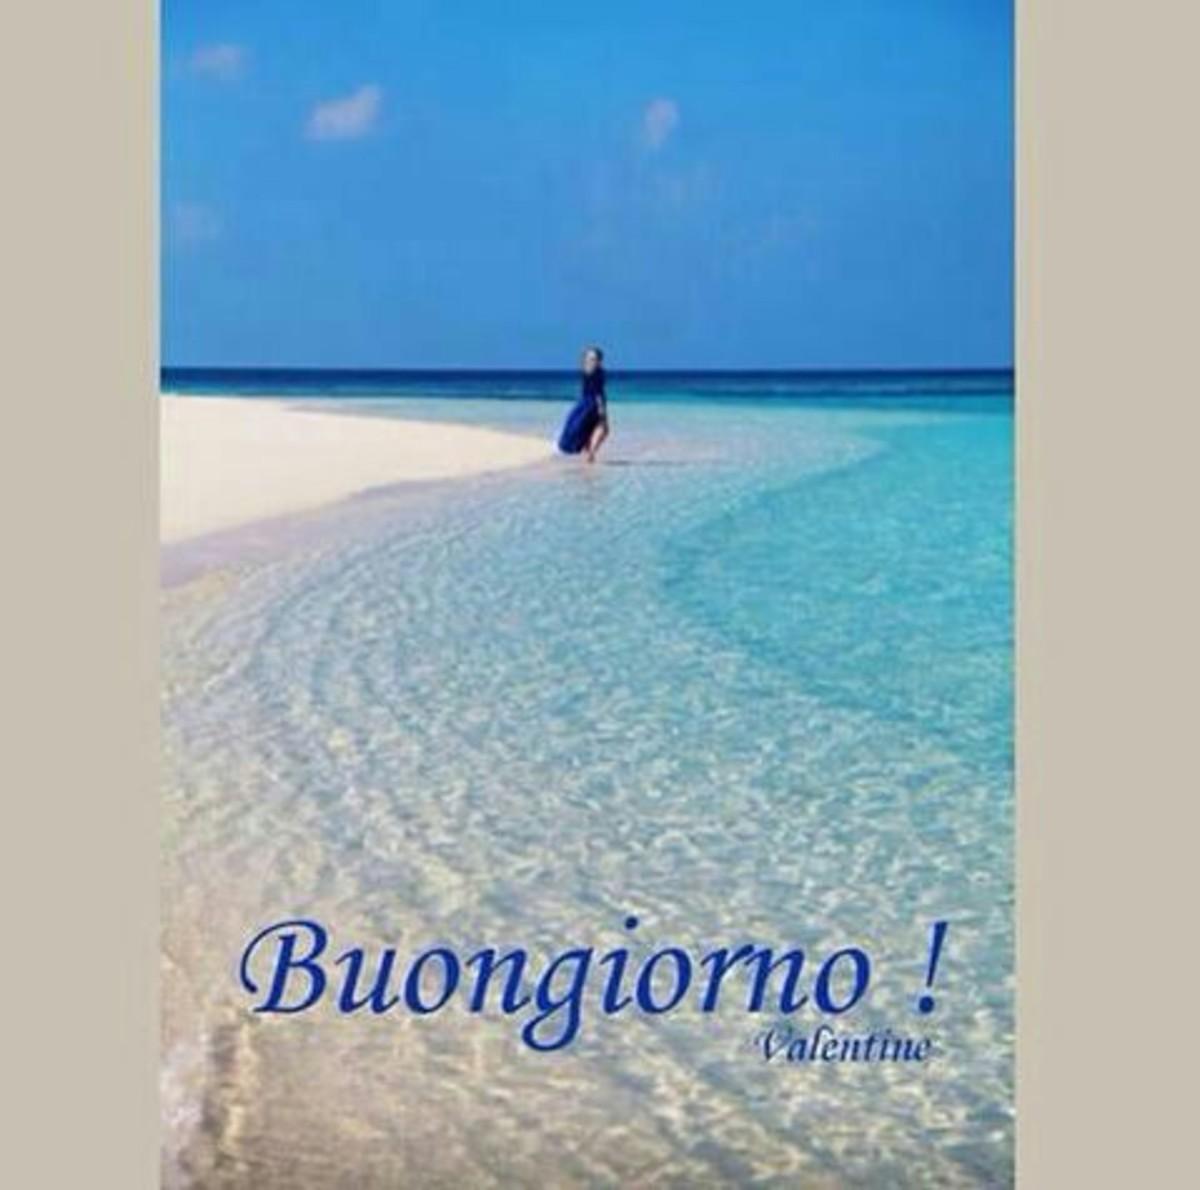 Buongiorno Immagini con la spiaggia estate (5)